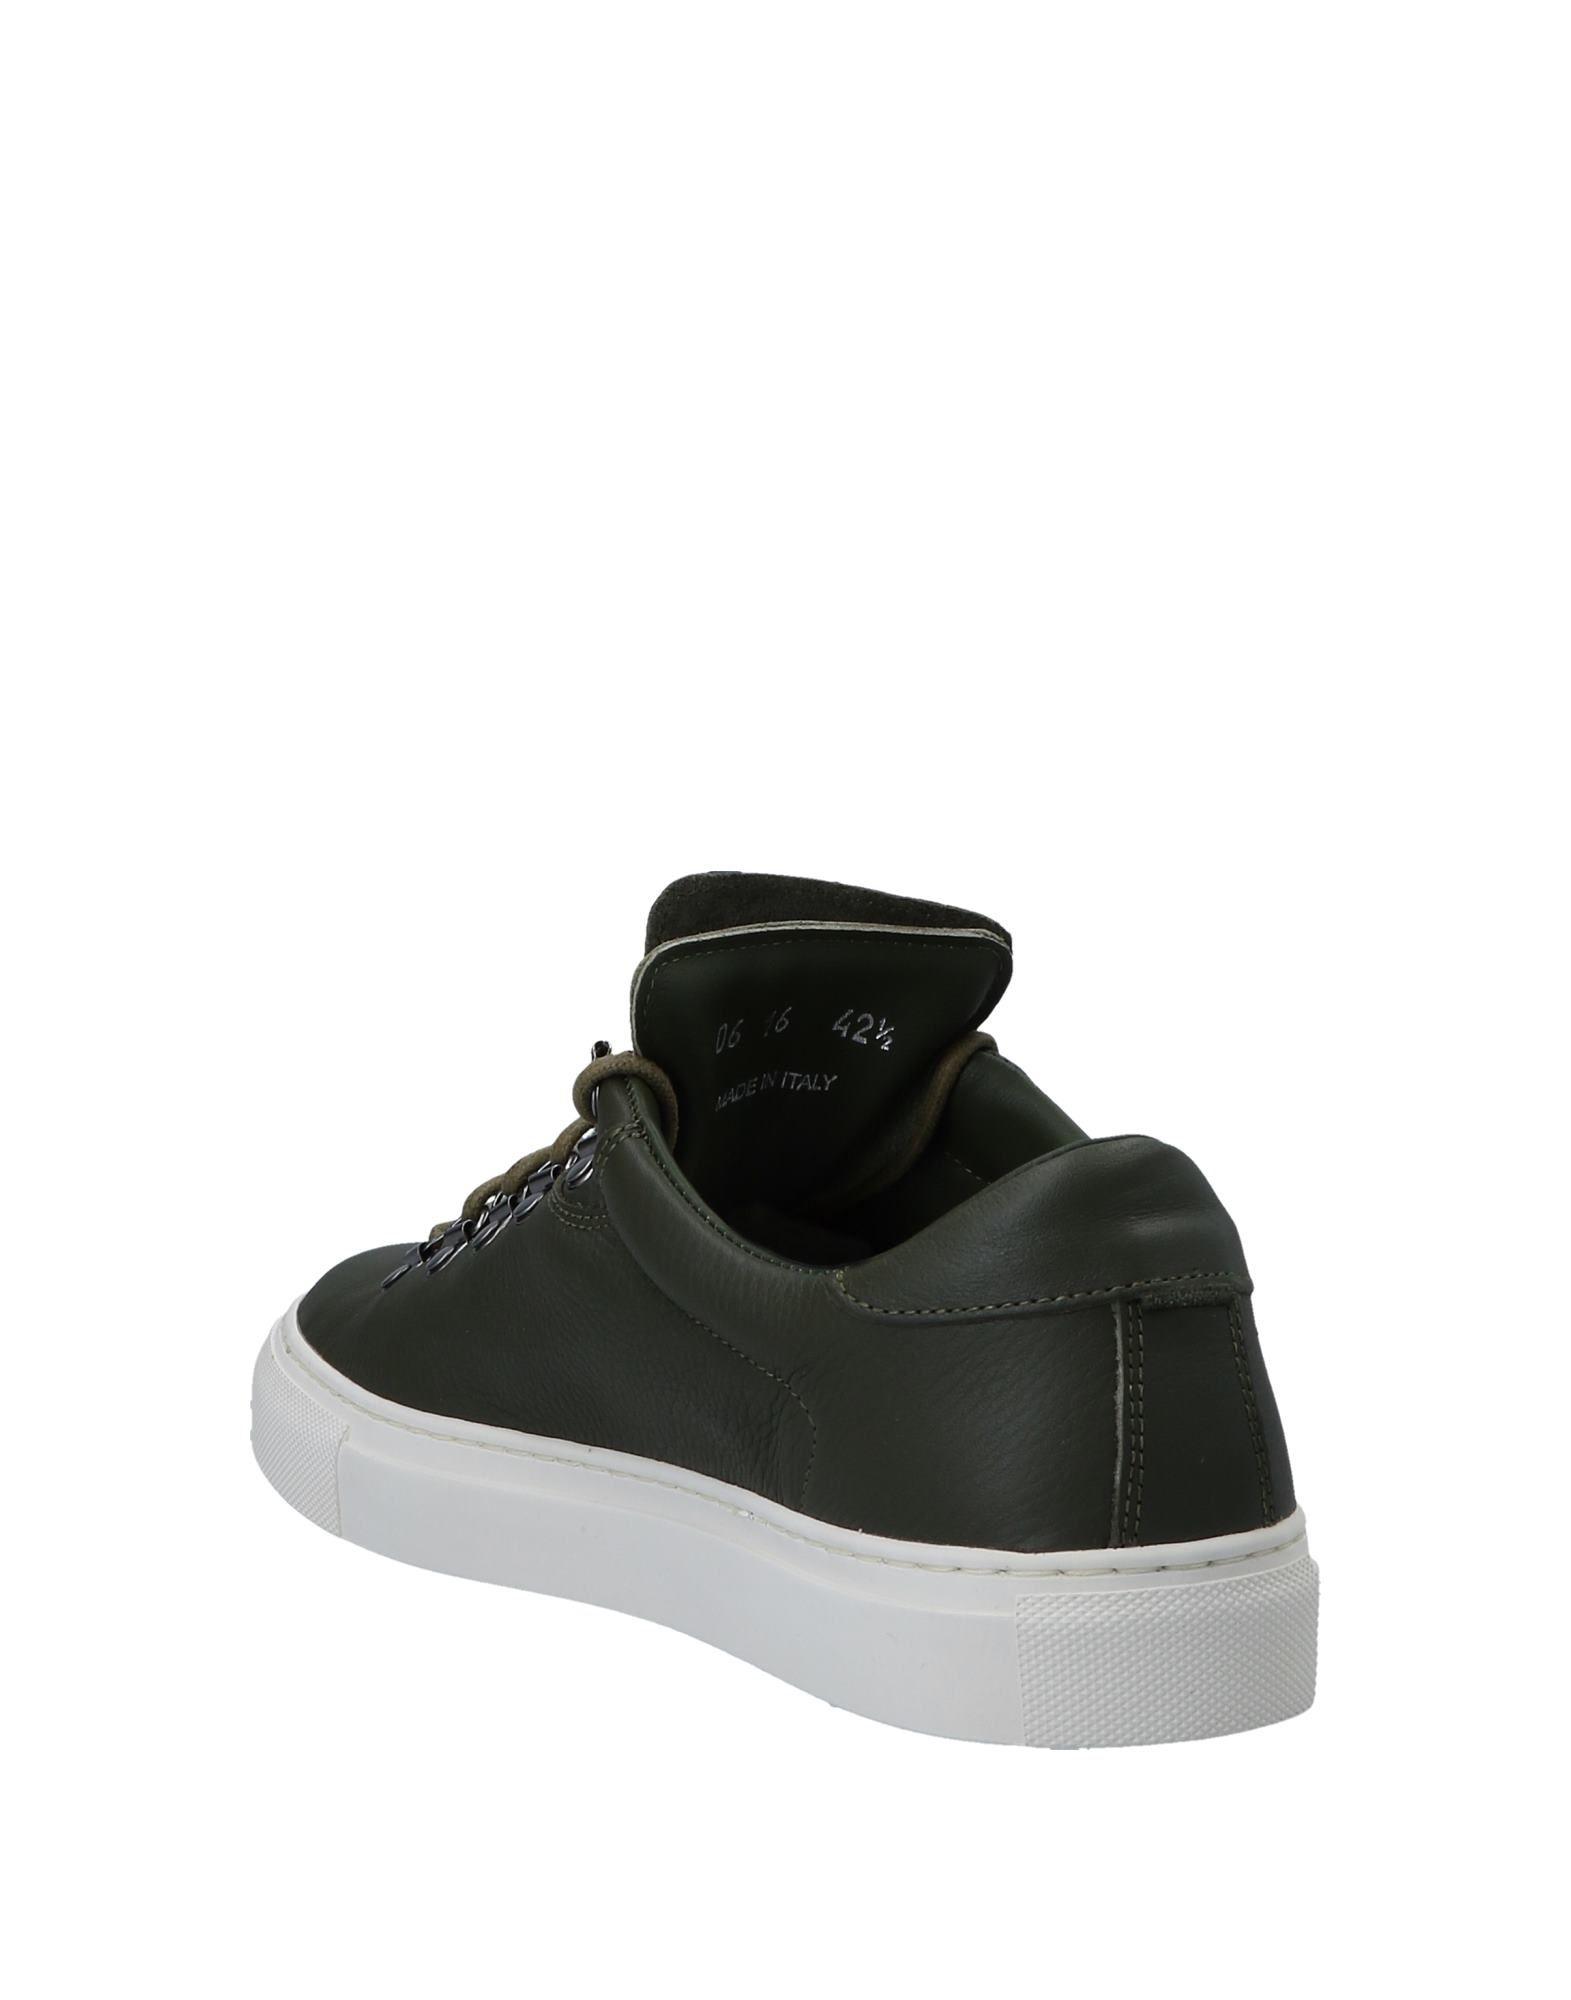 Diemme Sneakers Herren  Schuhe 11558753WG Gute Qualität beliebte Schuhe  1e19f0